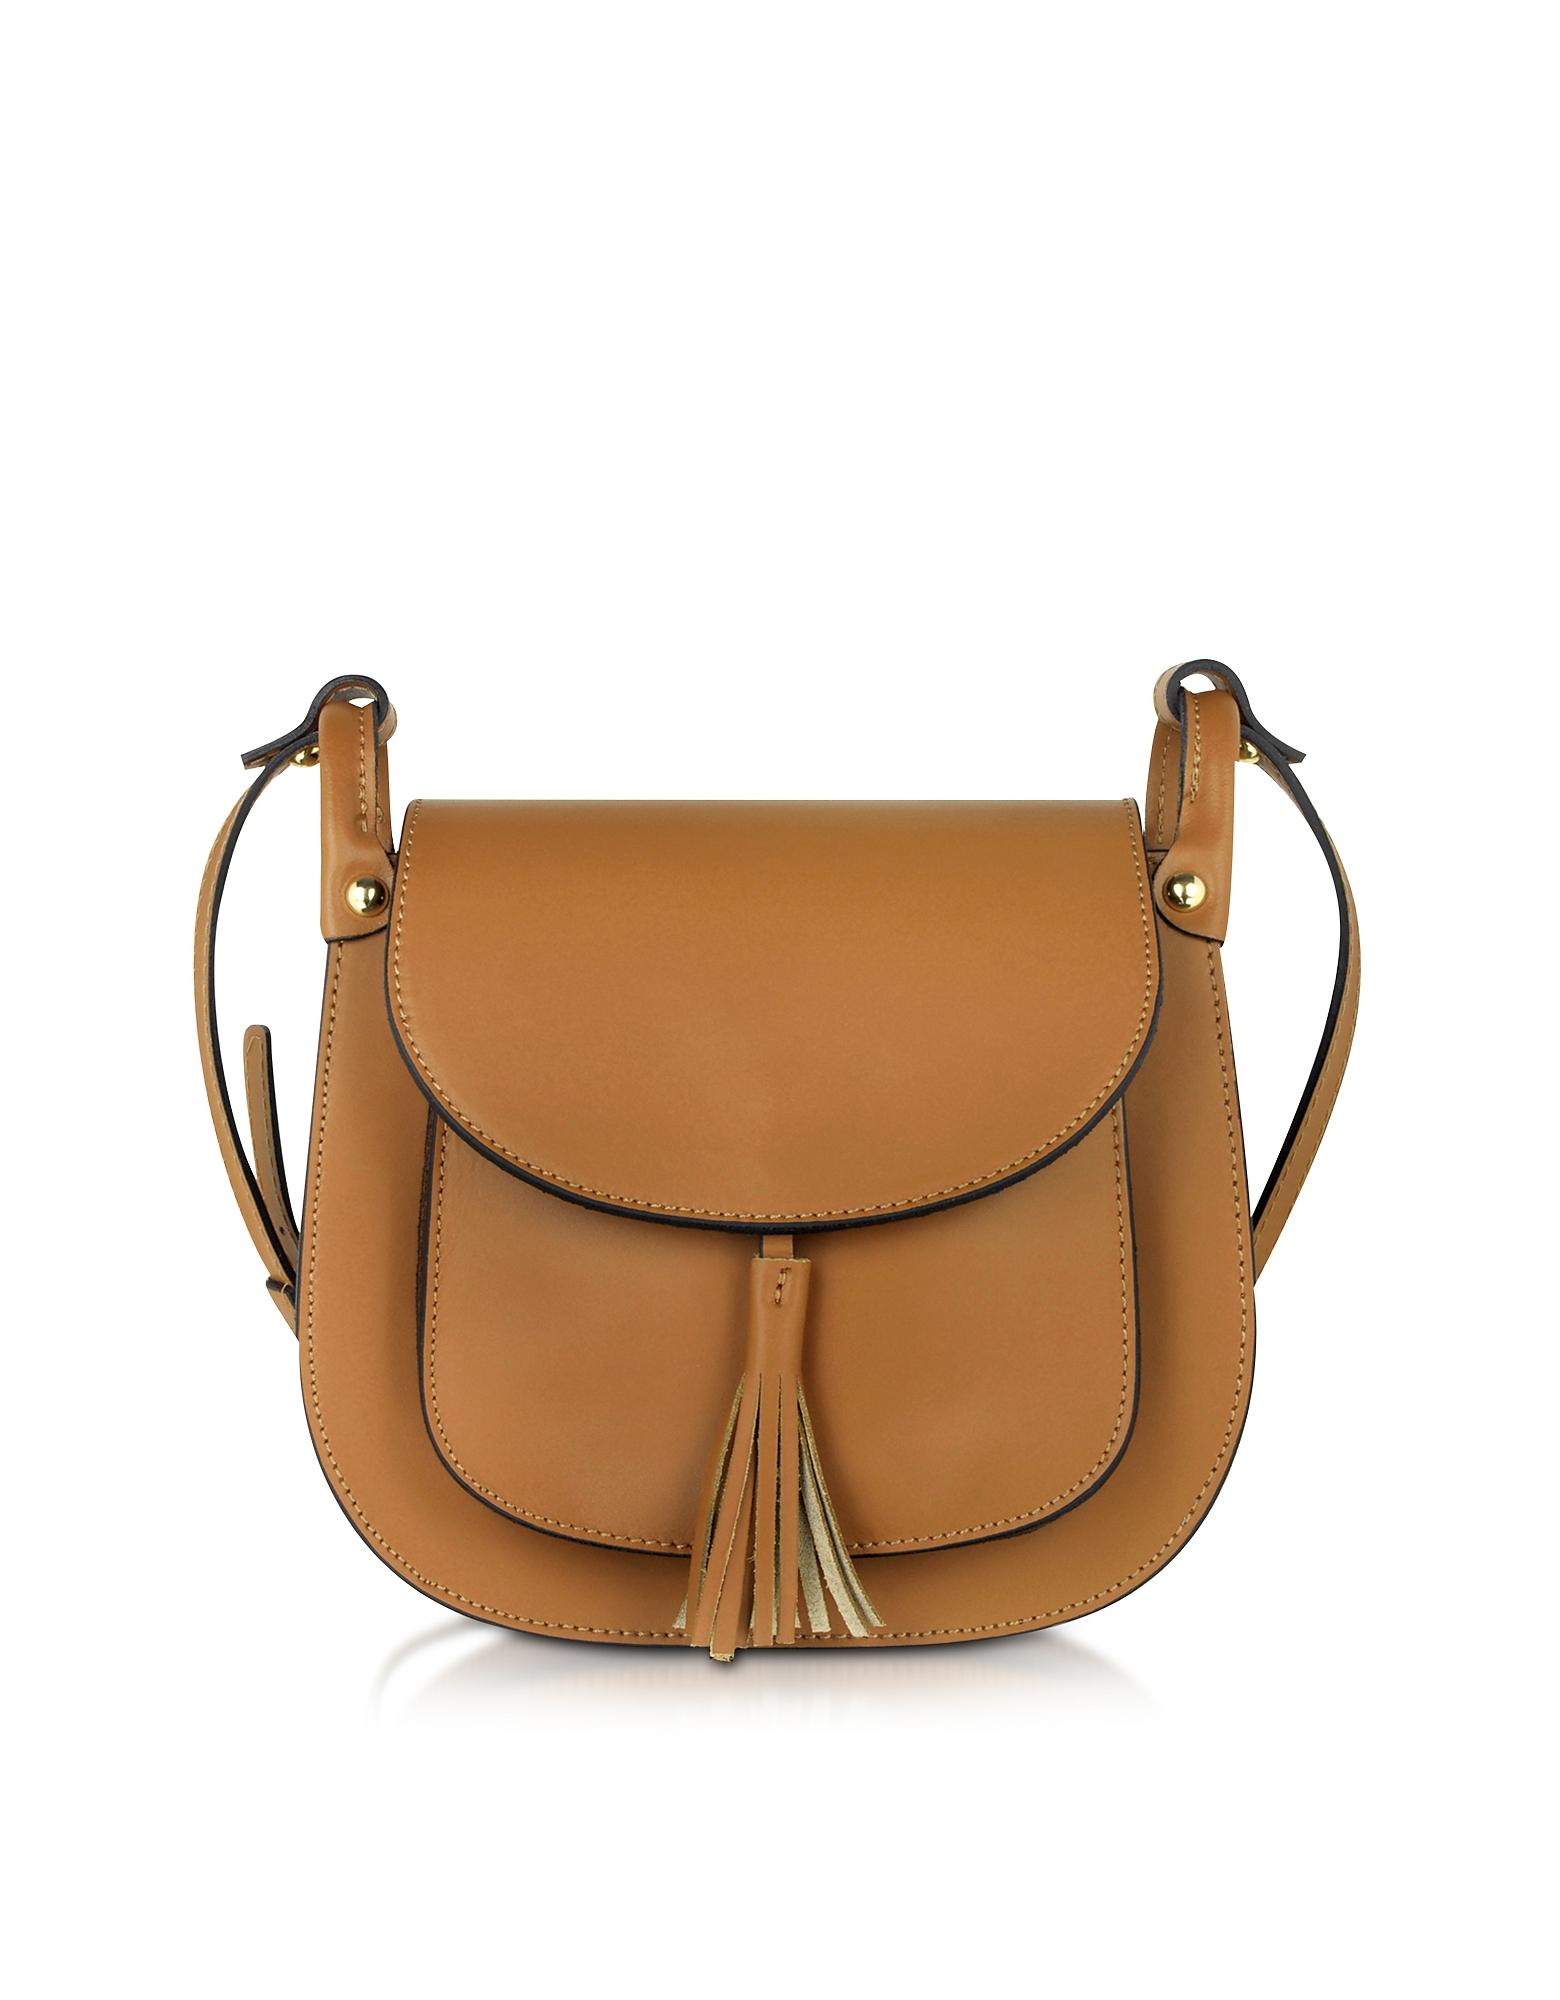 Le Parmentier Handbags, Buttercup Cognac Leather Crossbody Bag